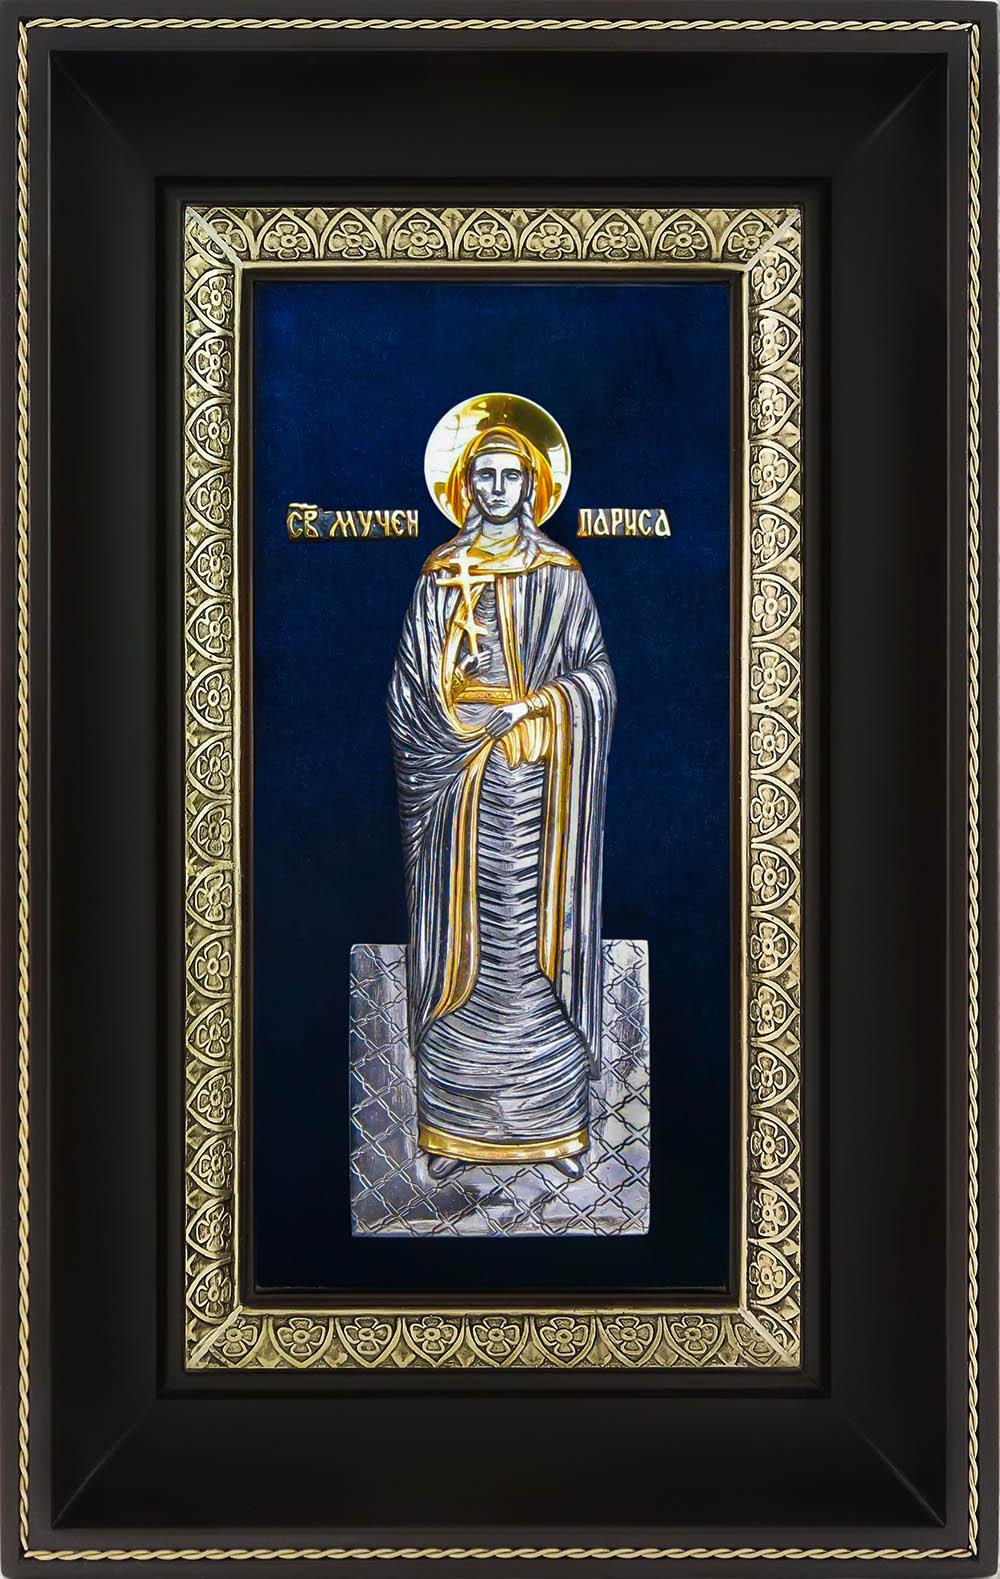 фото икона святая Лариса Готфская гальванопластика золото серебро деревянная рамка